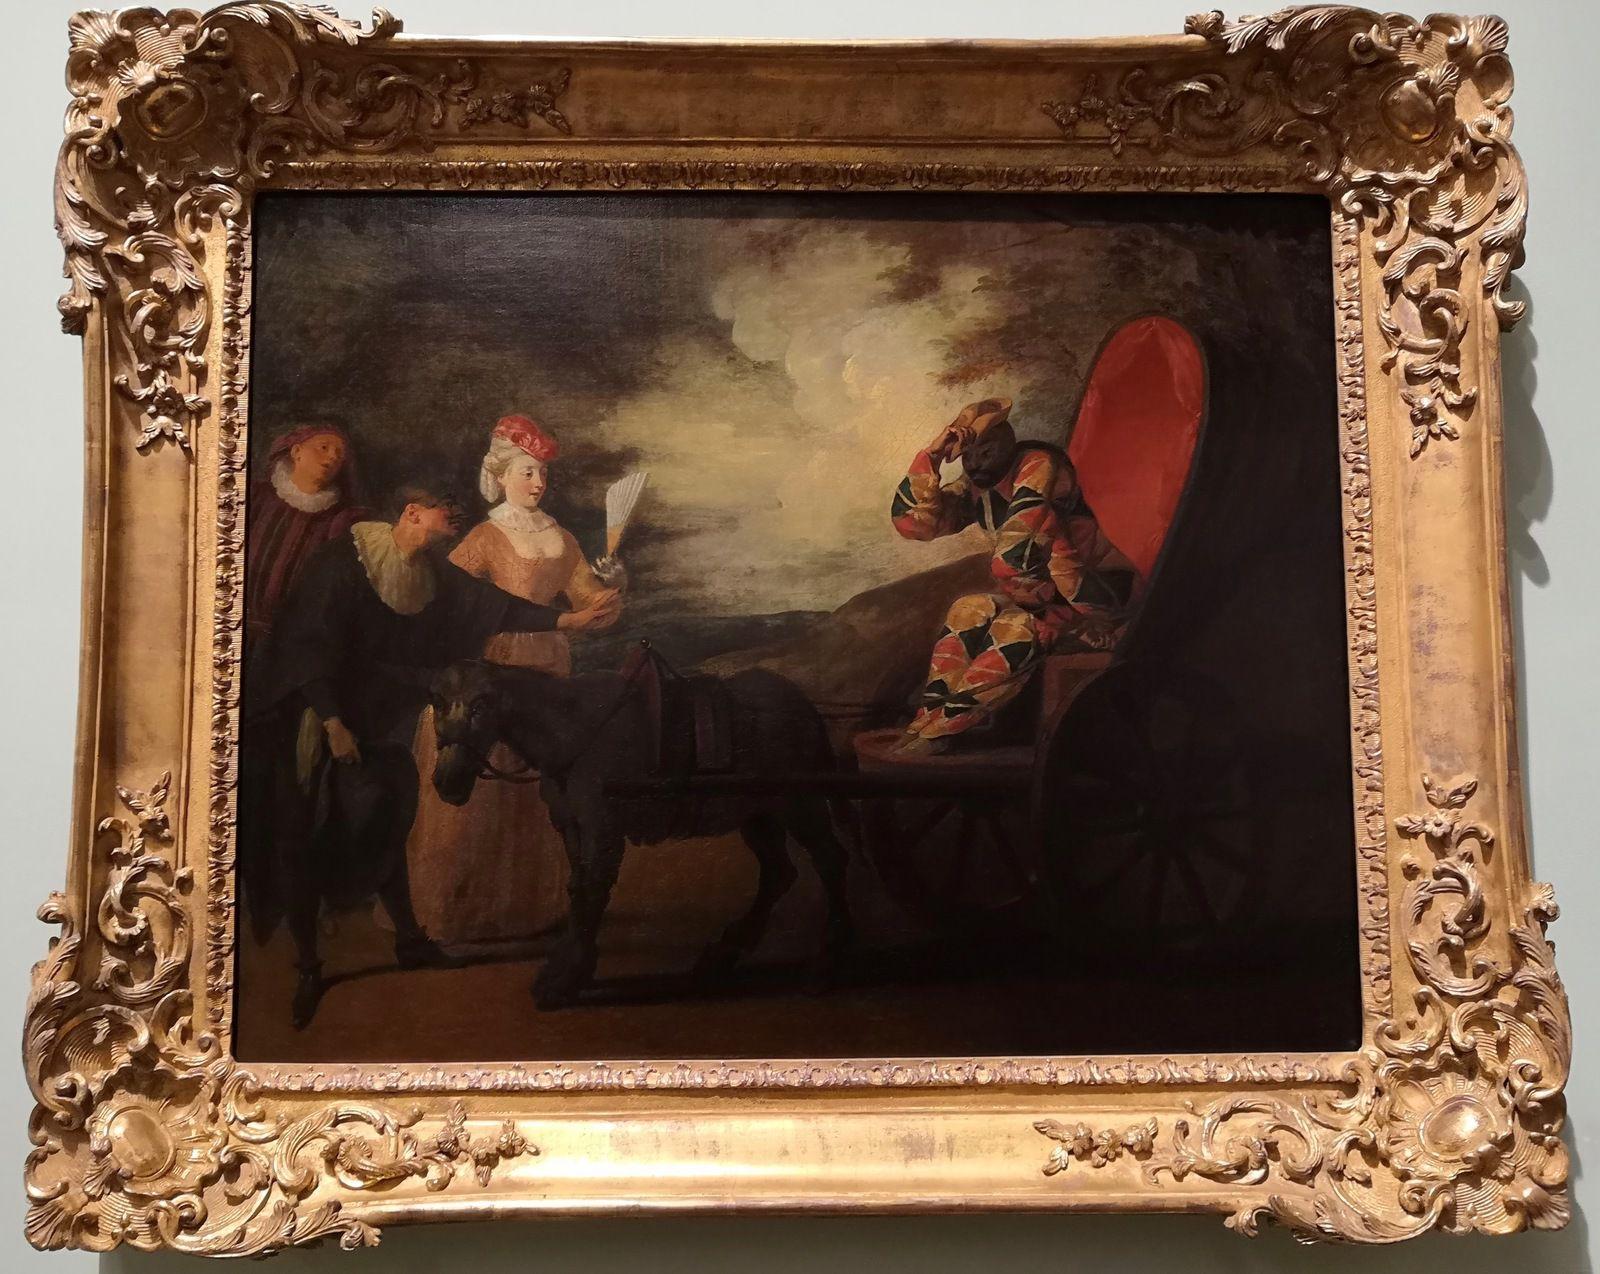 Jean-Antoine Watteau, Arlequin empereur dans la lune, Vers 1707, Huile sur toile [d'après la comédie italienne Arlequin empereur dans la lune de Nolant de Fatouville]